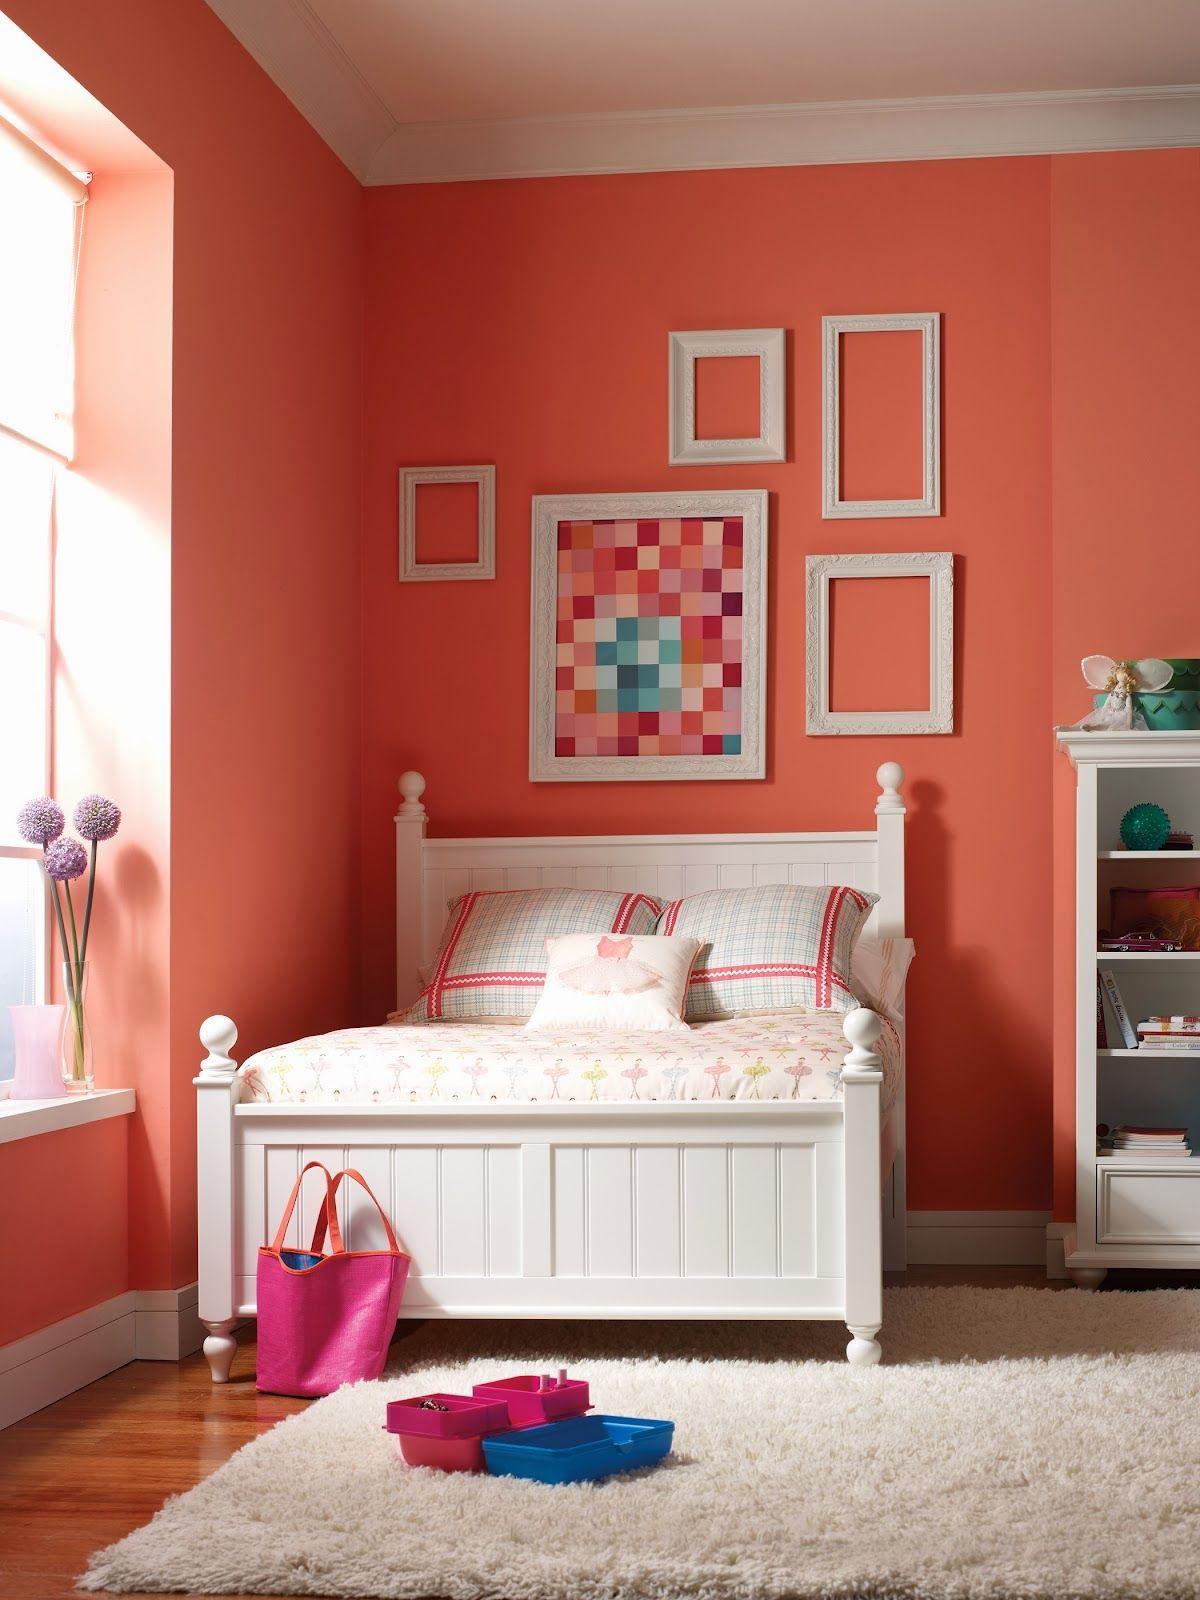 El coral le dará diversión al cuarto de los chicos. (Foto: Toulouse Lautrec)